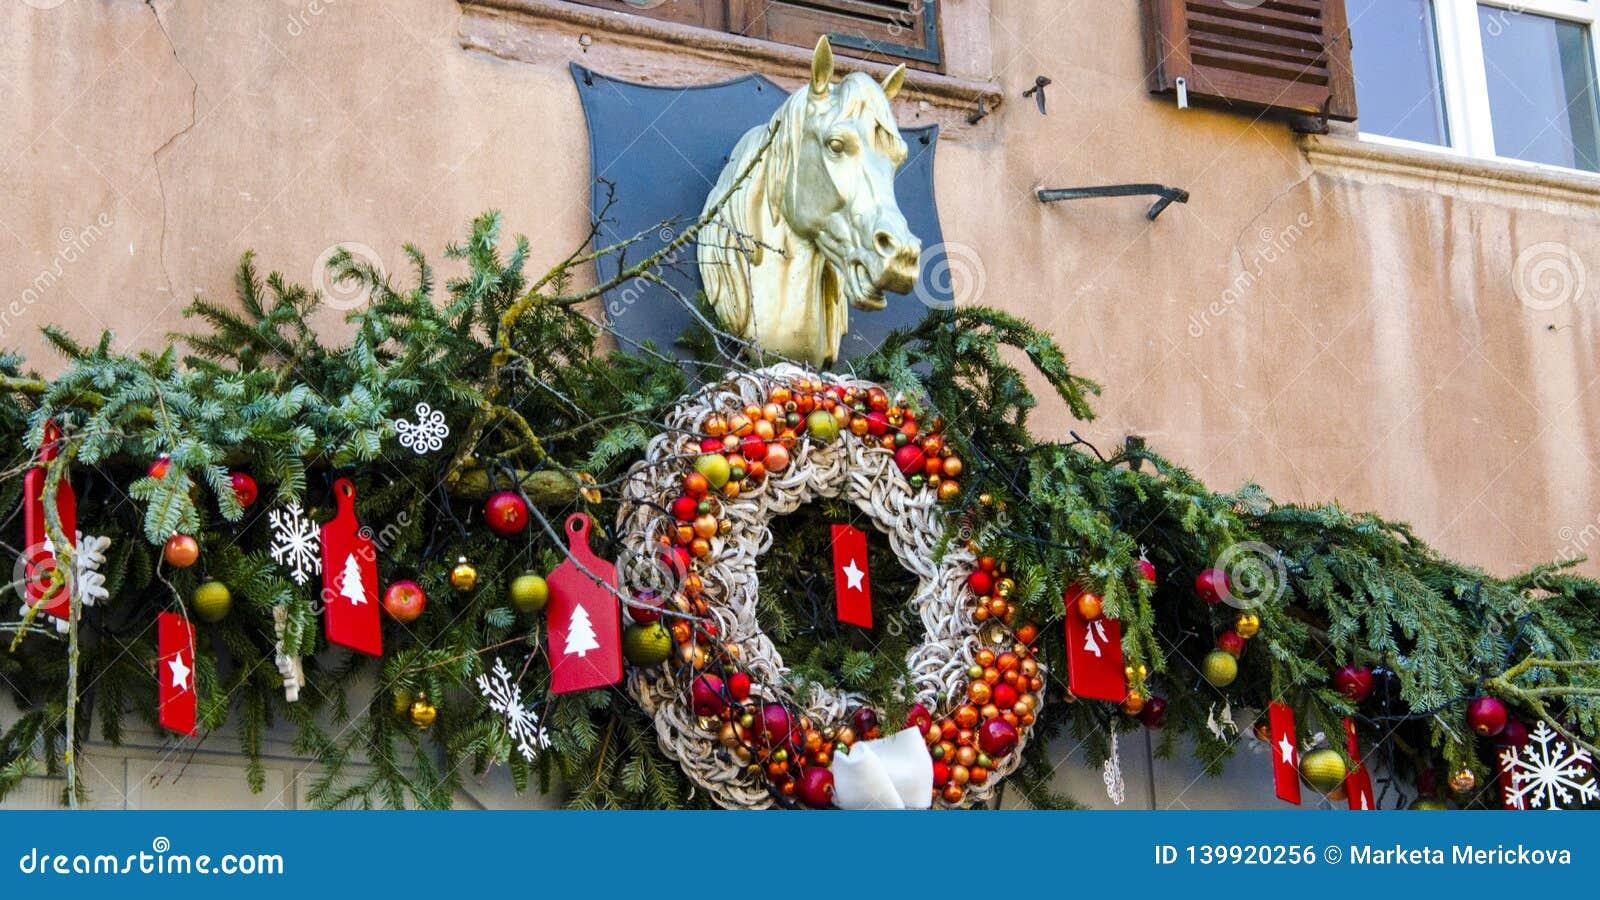 Weihnachtskranz und -dekorationen auf Fassade mit Skulptur des Pferds